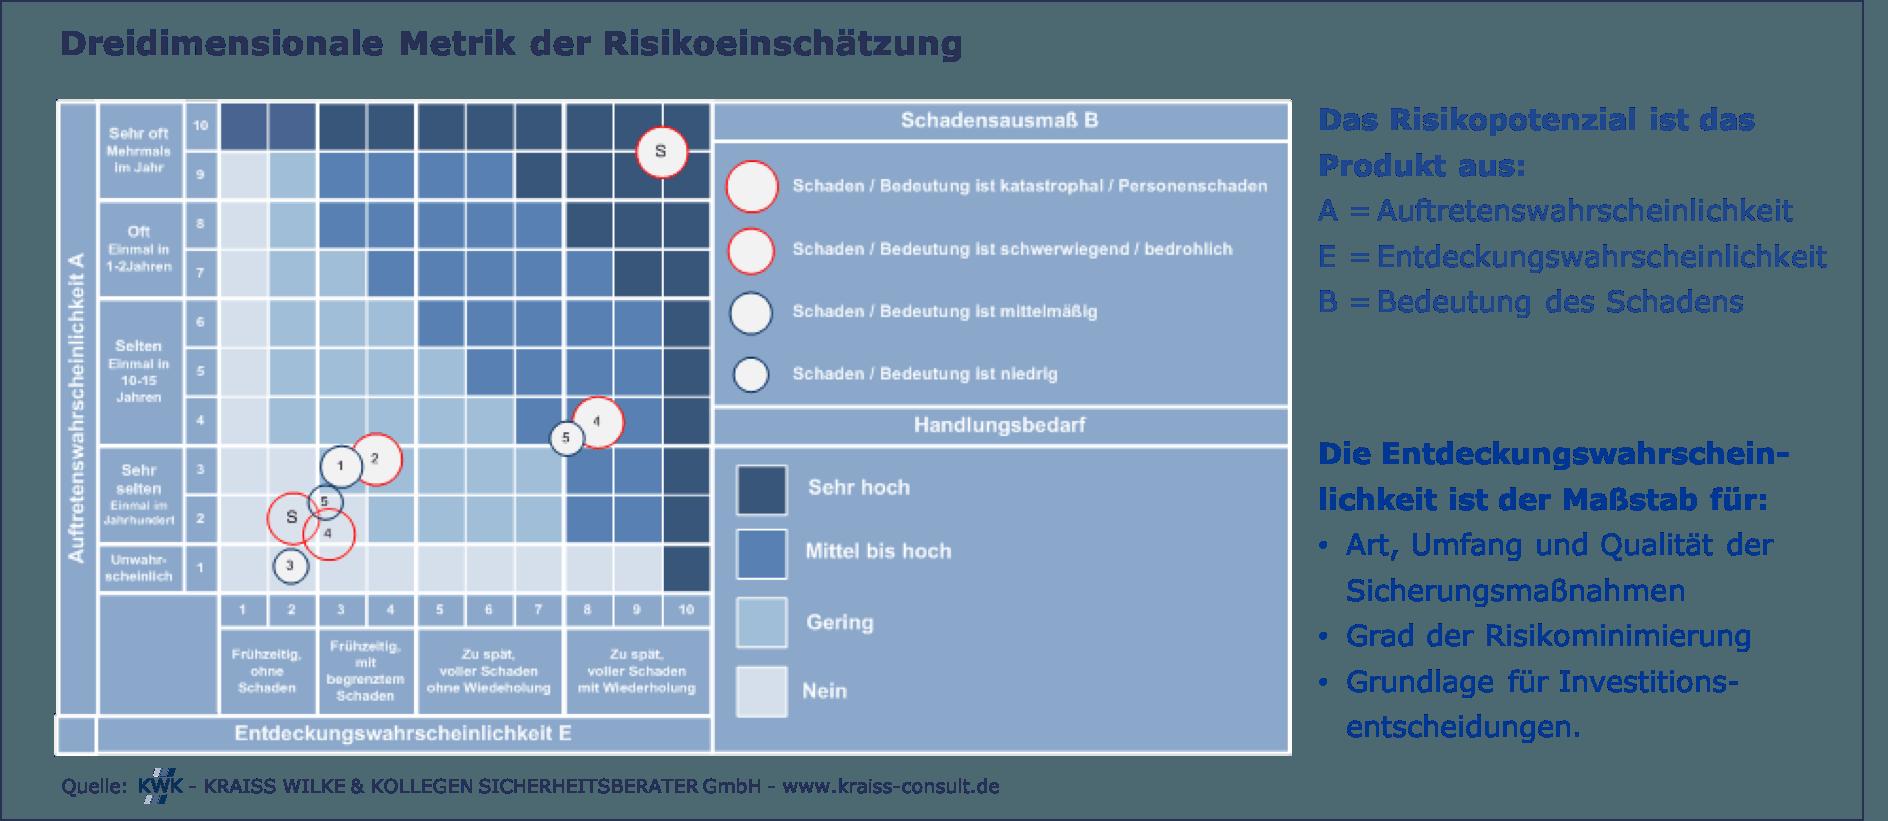 Risikomatrix - Dreidimensionale Metrik der Risikoeinschaetzung